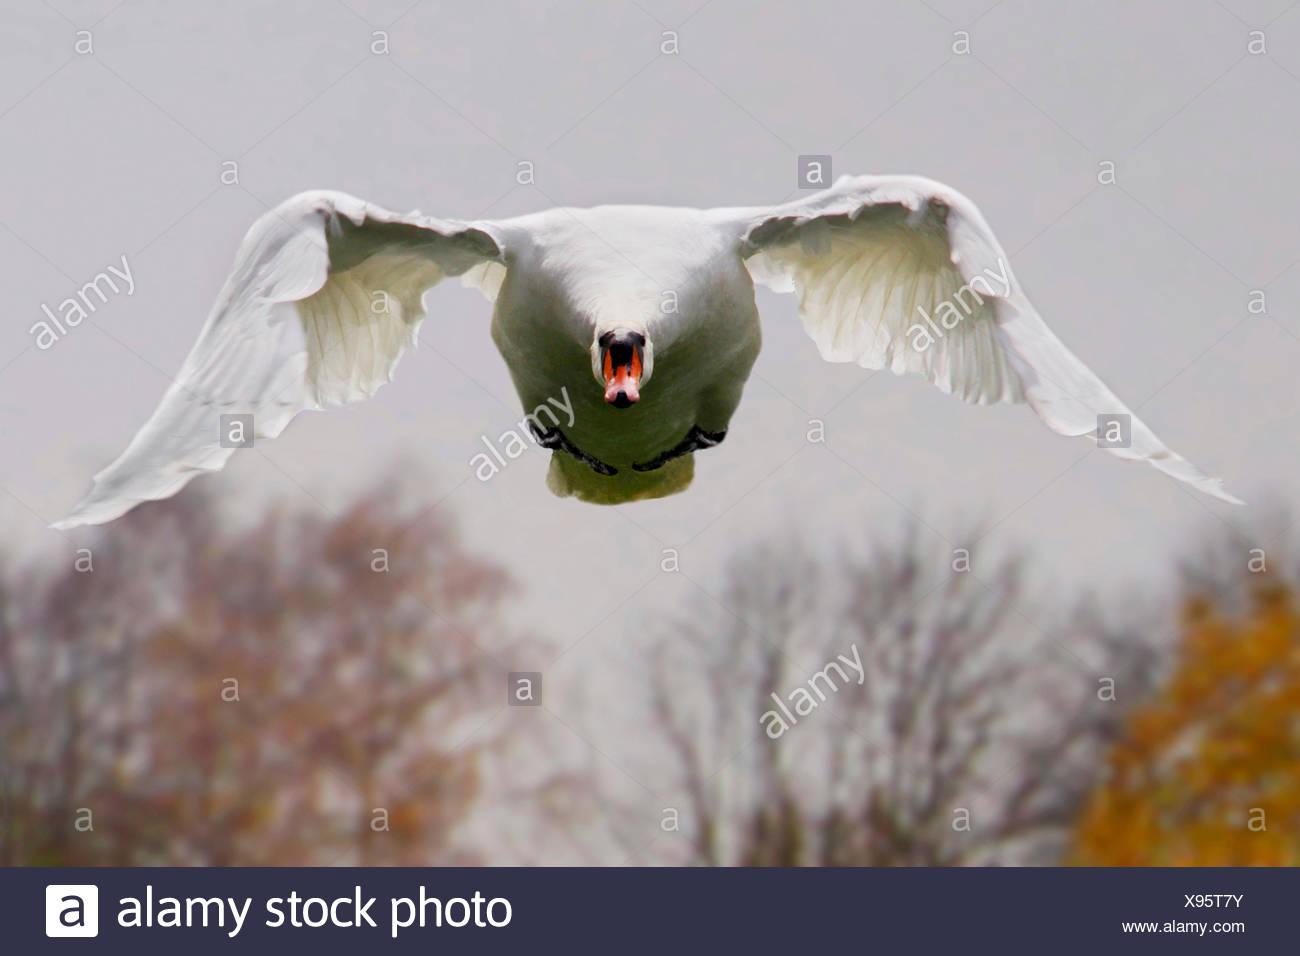 Höckerschwan (Cygnus Olor), im Flug Vorderansicht, Deutschland Stockbild